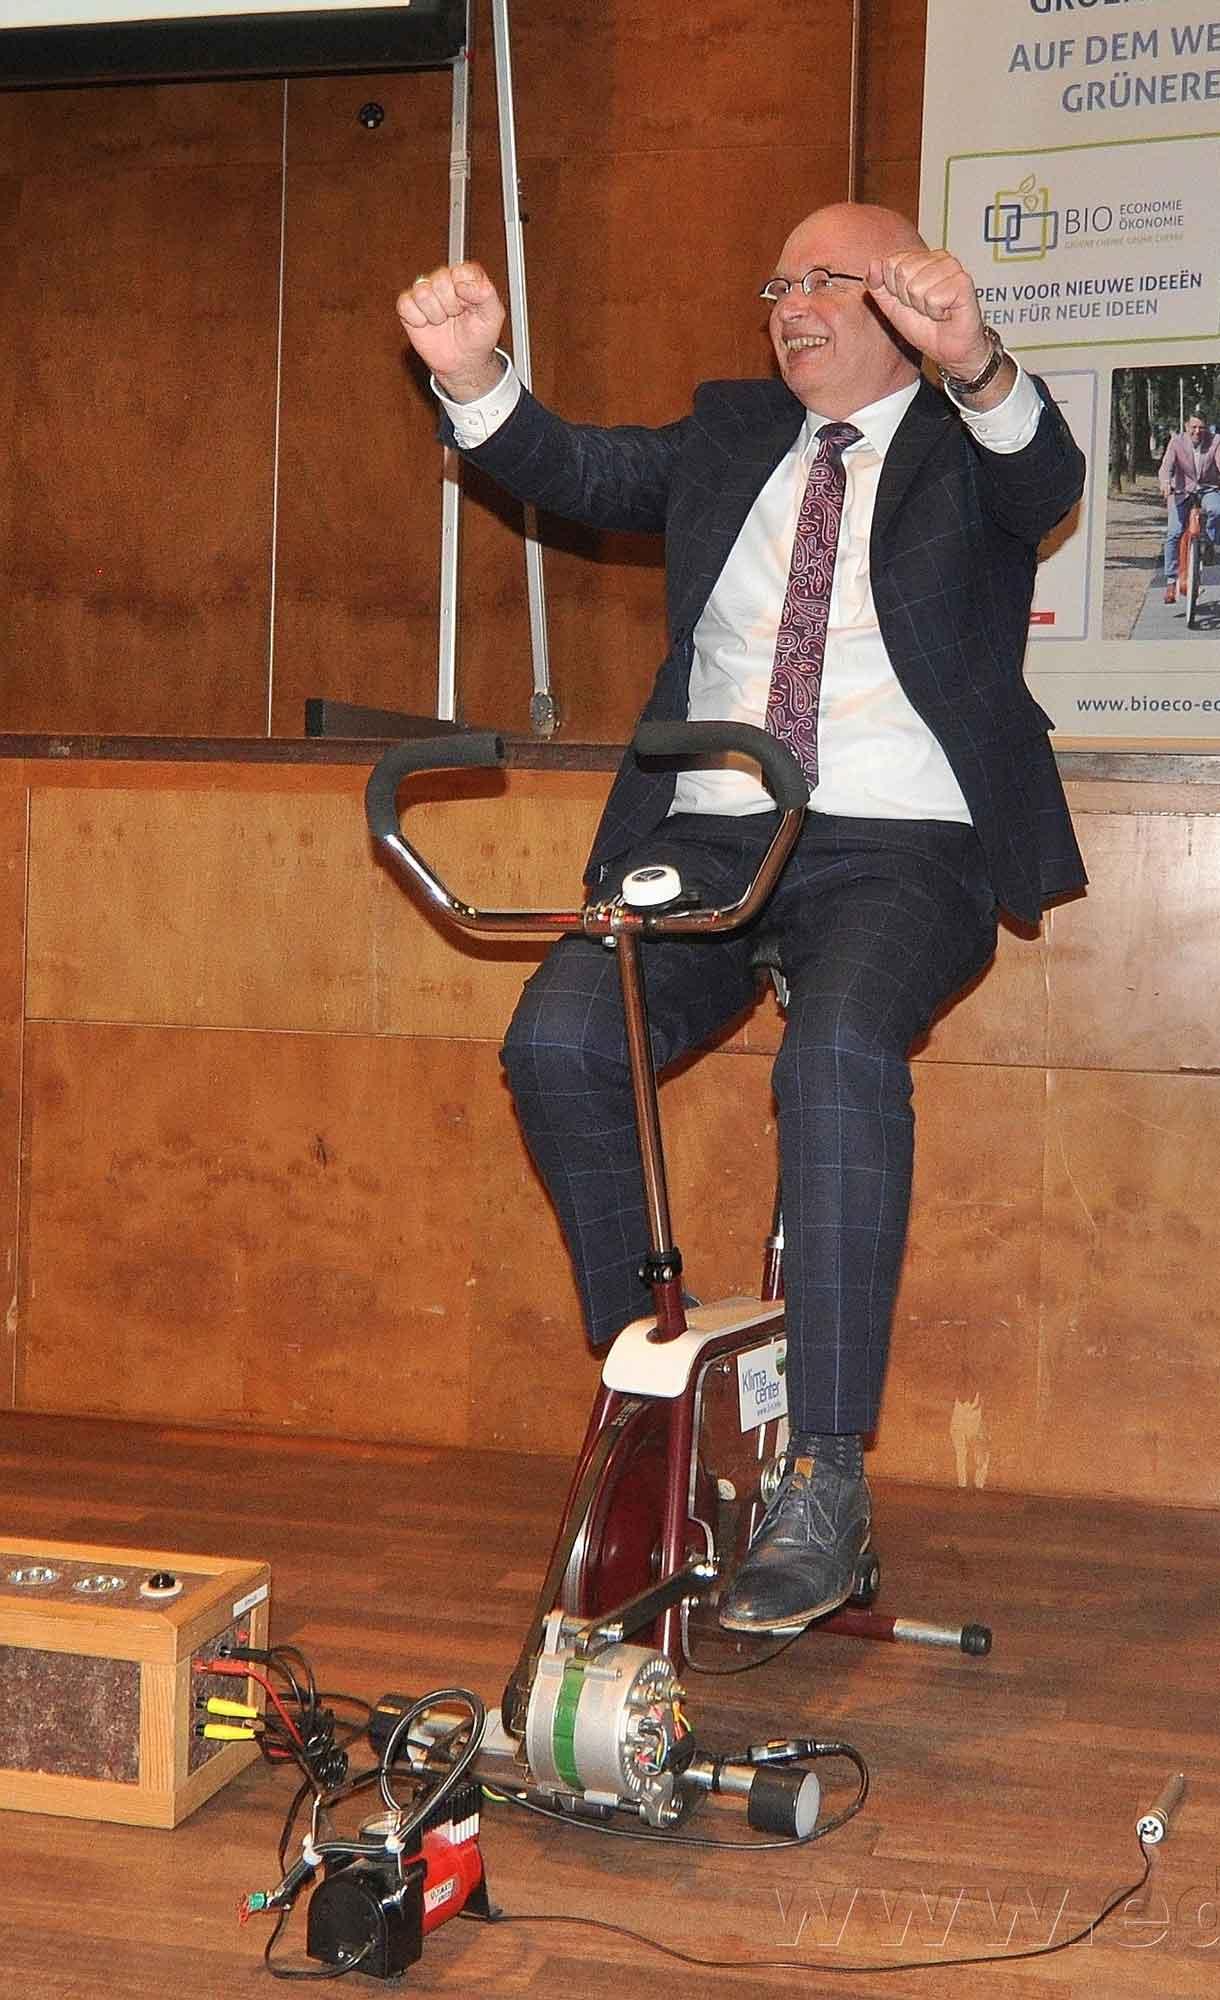 Gedeputeerde Henk Staghouwer fietst voor de kick-off Bio-economie Groene-Chemie